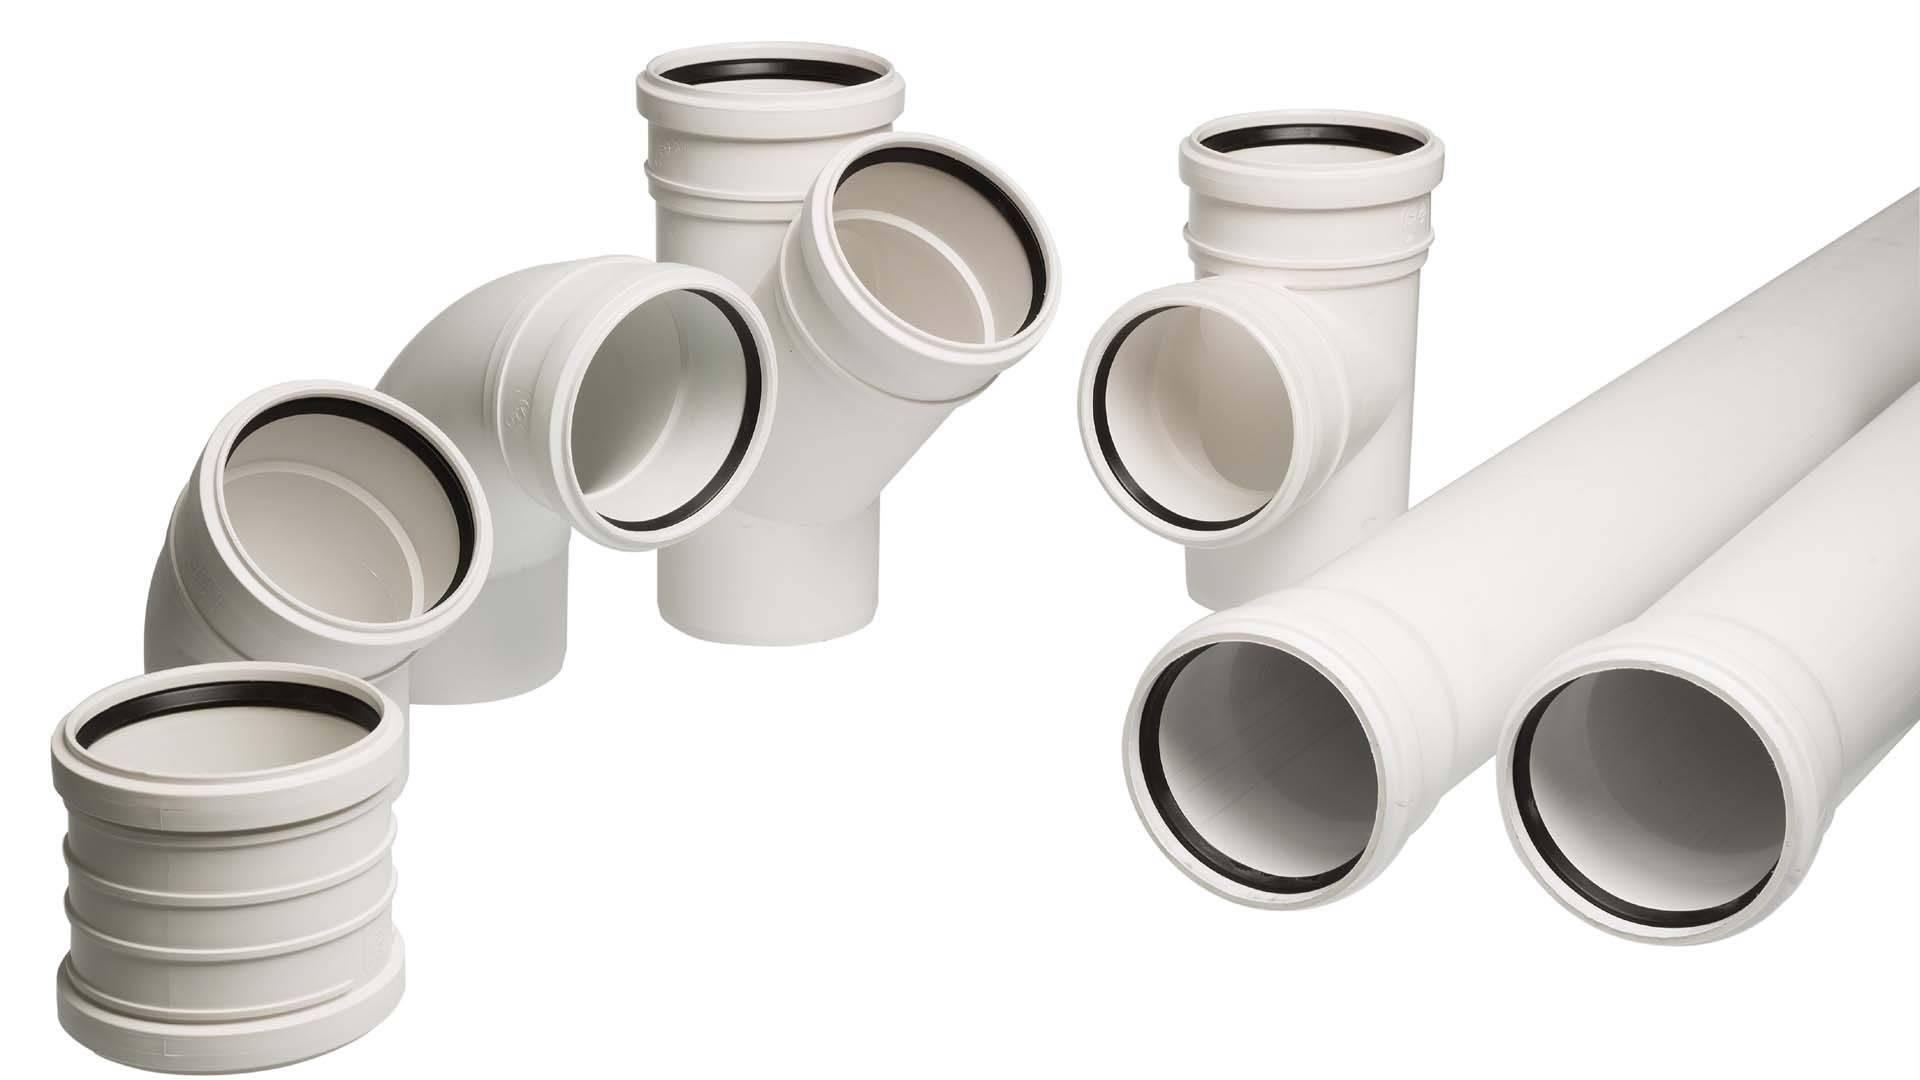 Бесшумные канализационные трубы redi phonoline | что выбрать